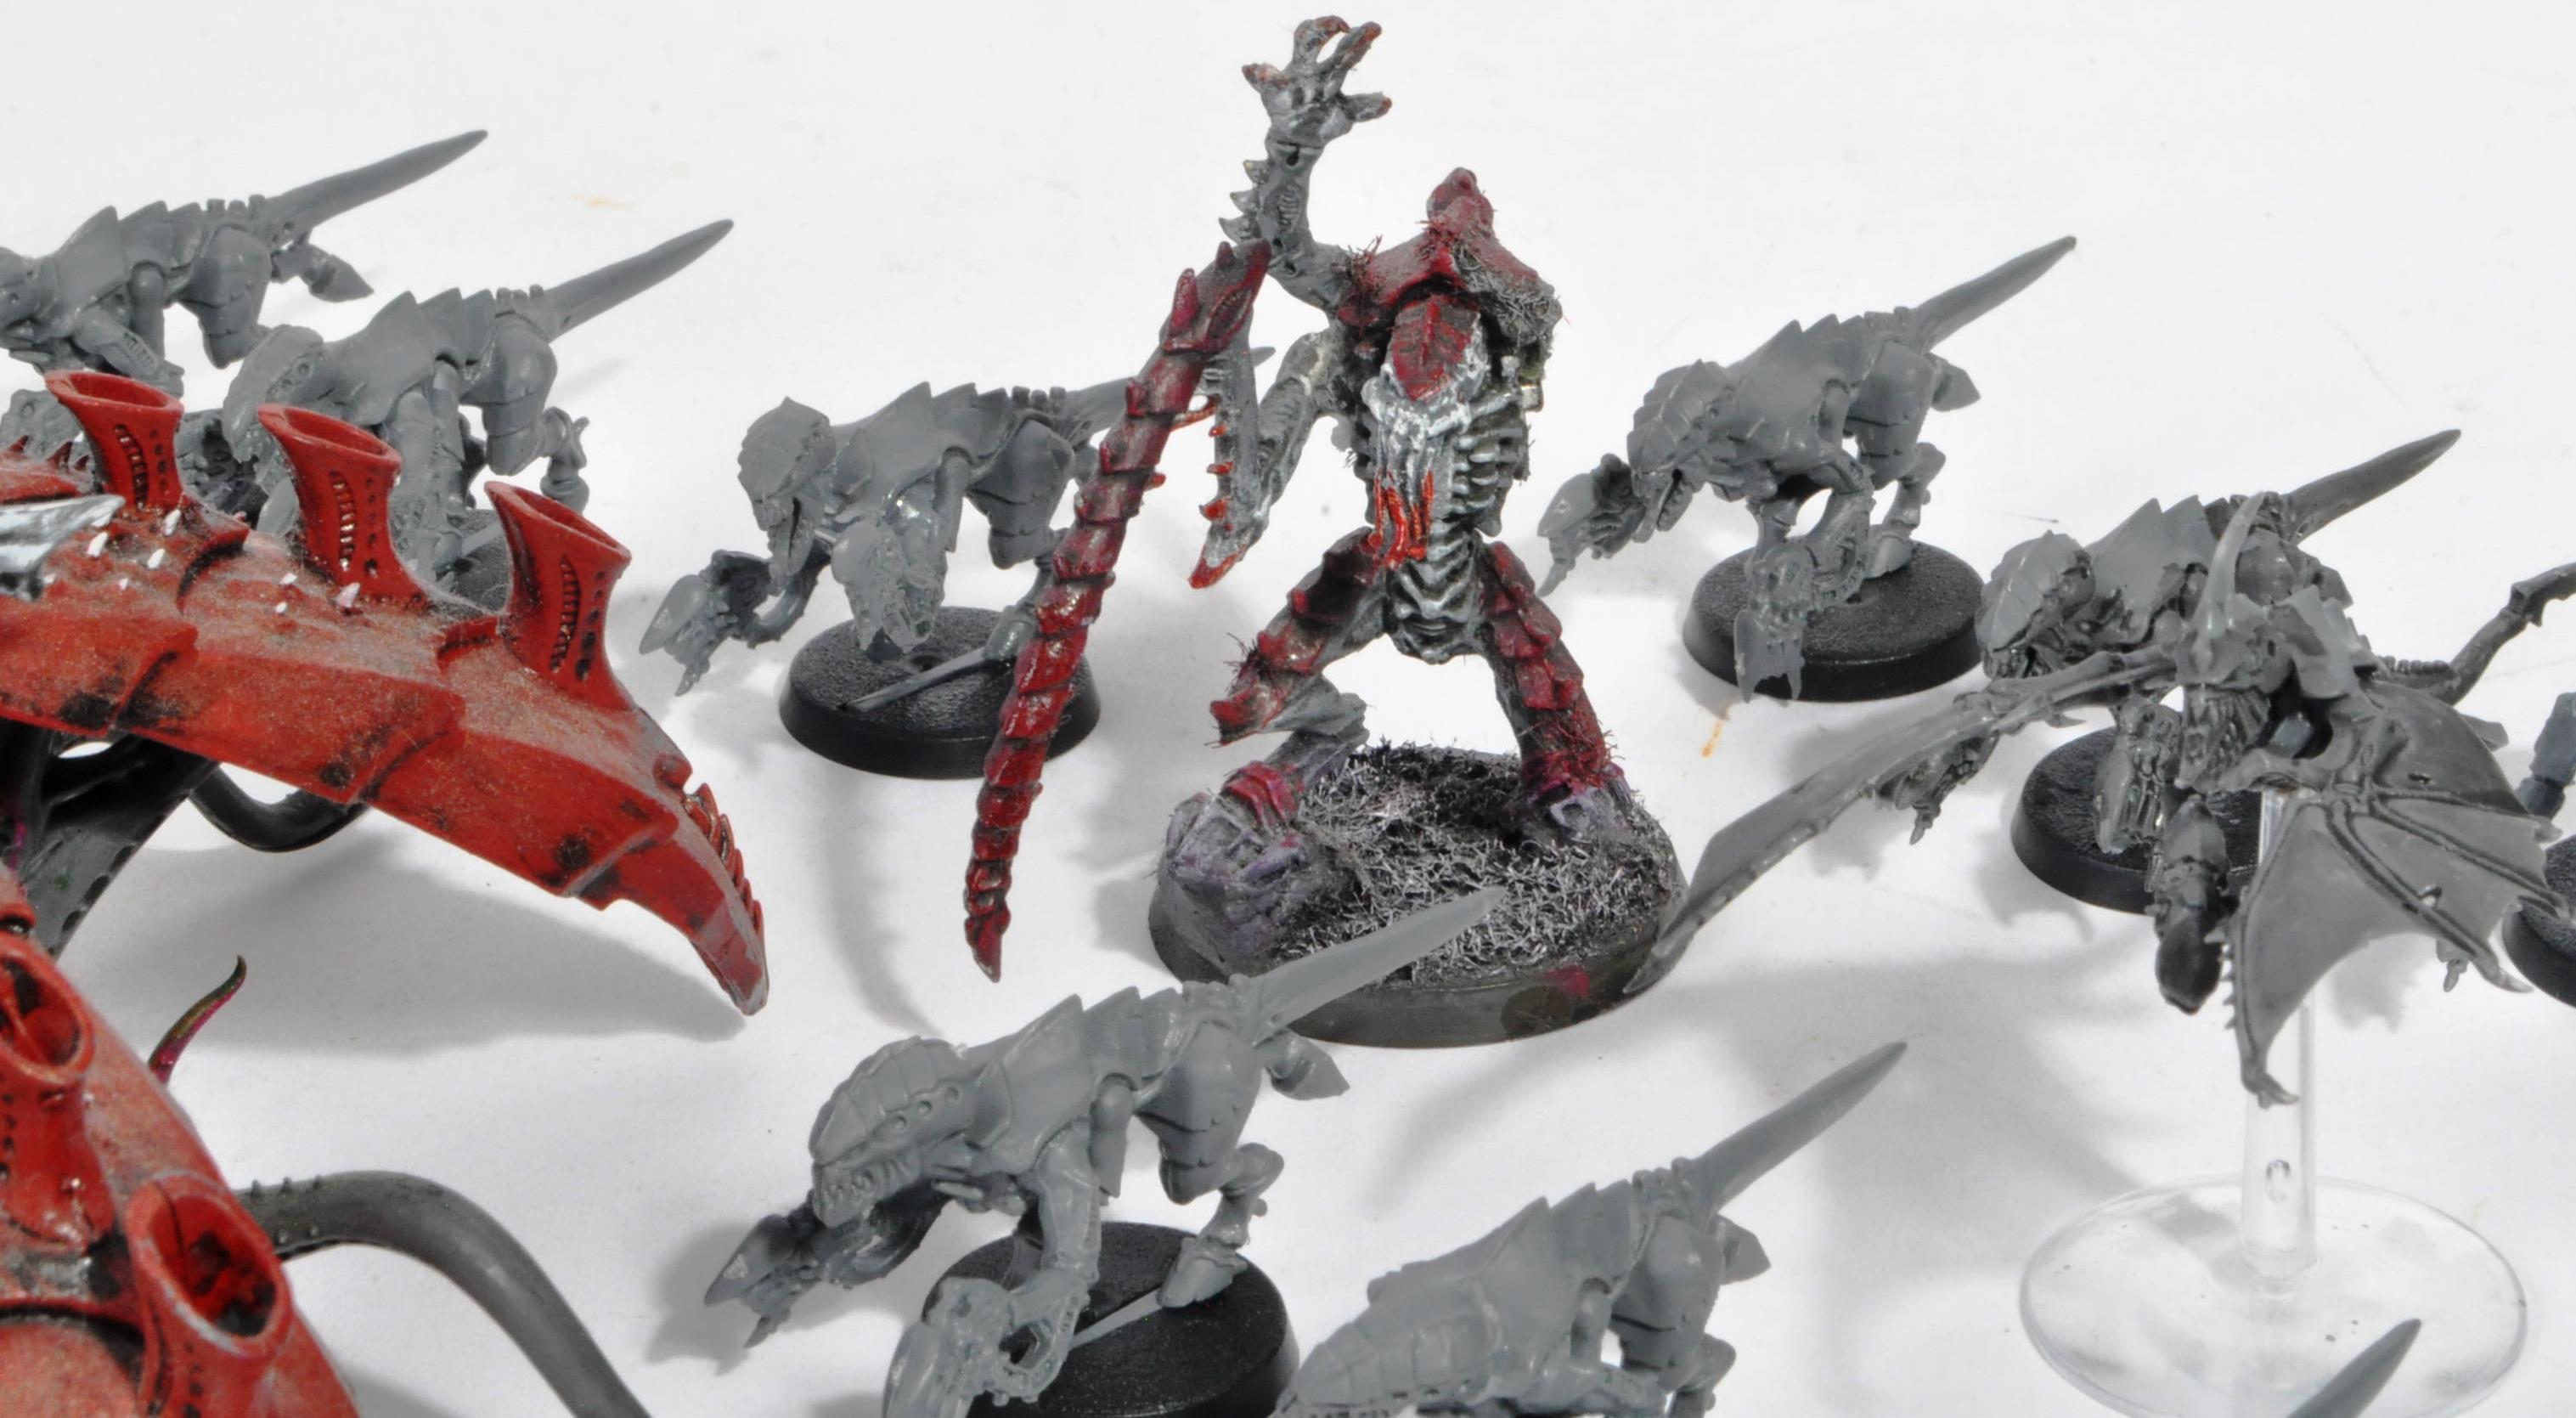 LARGE WARHAMMER 40K TYRANID ARMY - Image 10 of 12